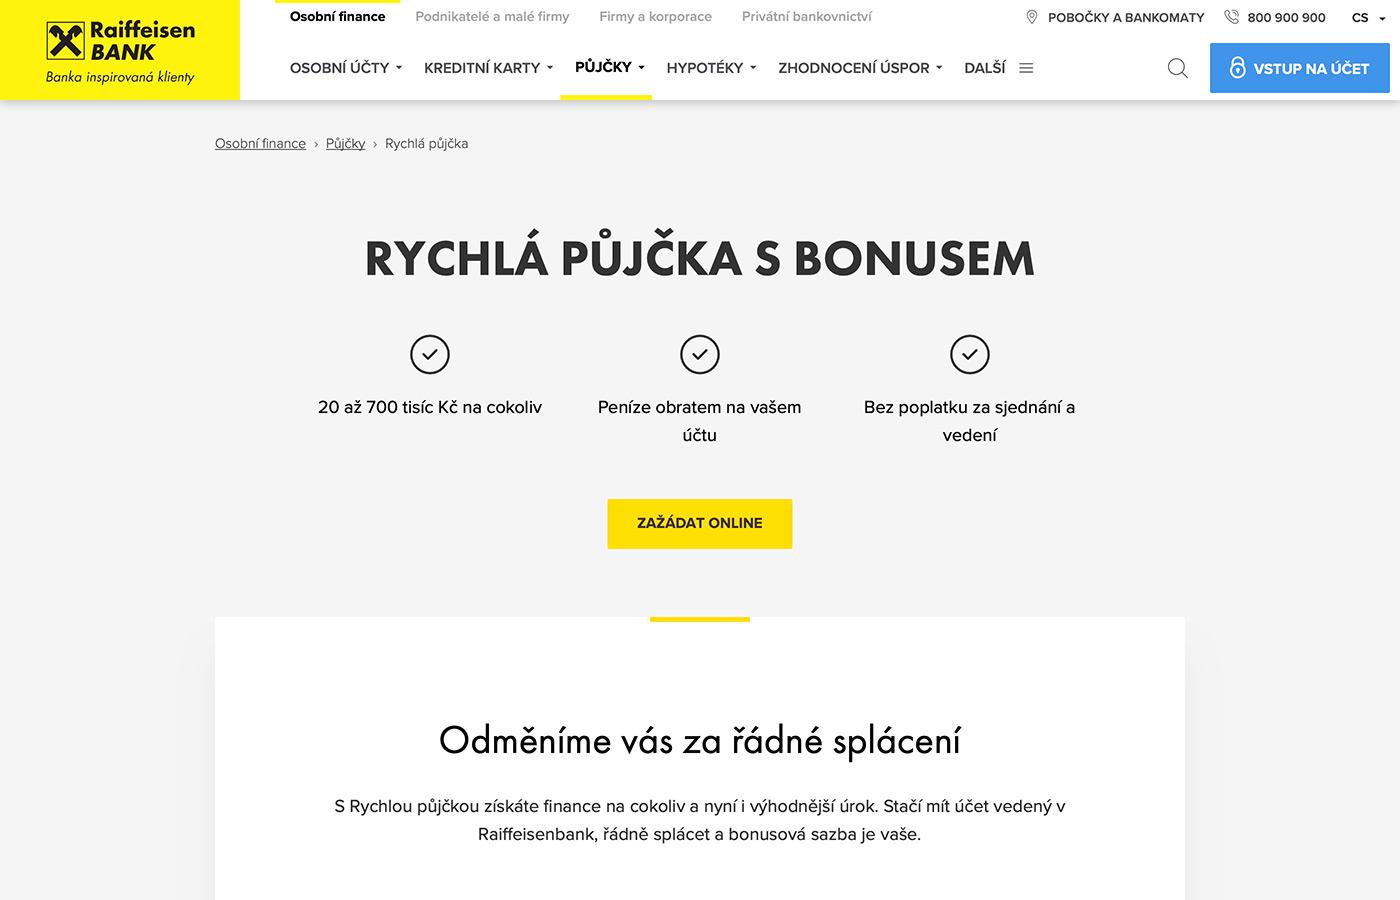 Webové stránky https://www.rb.cz/osobni/pujcky/rychla-pujcka